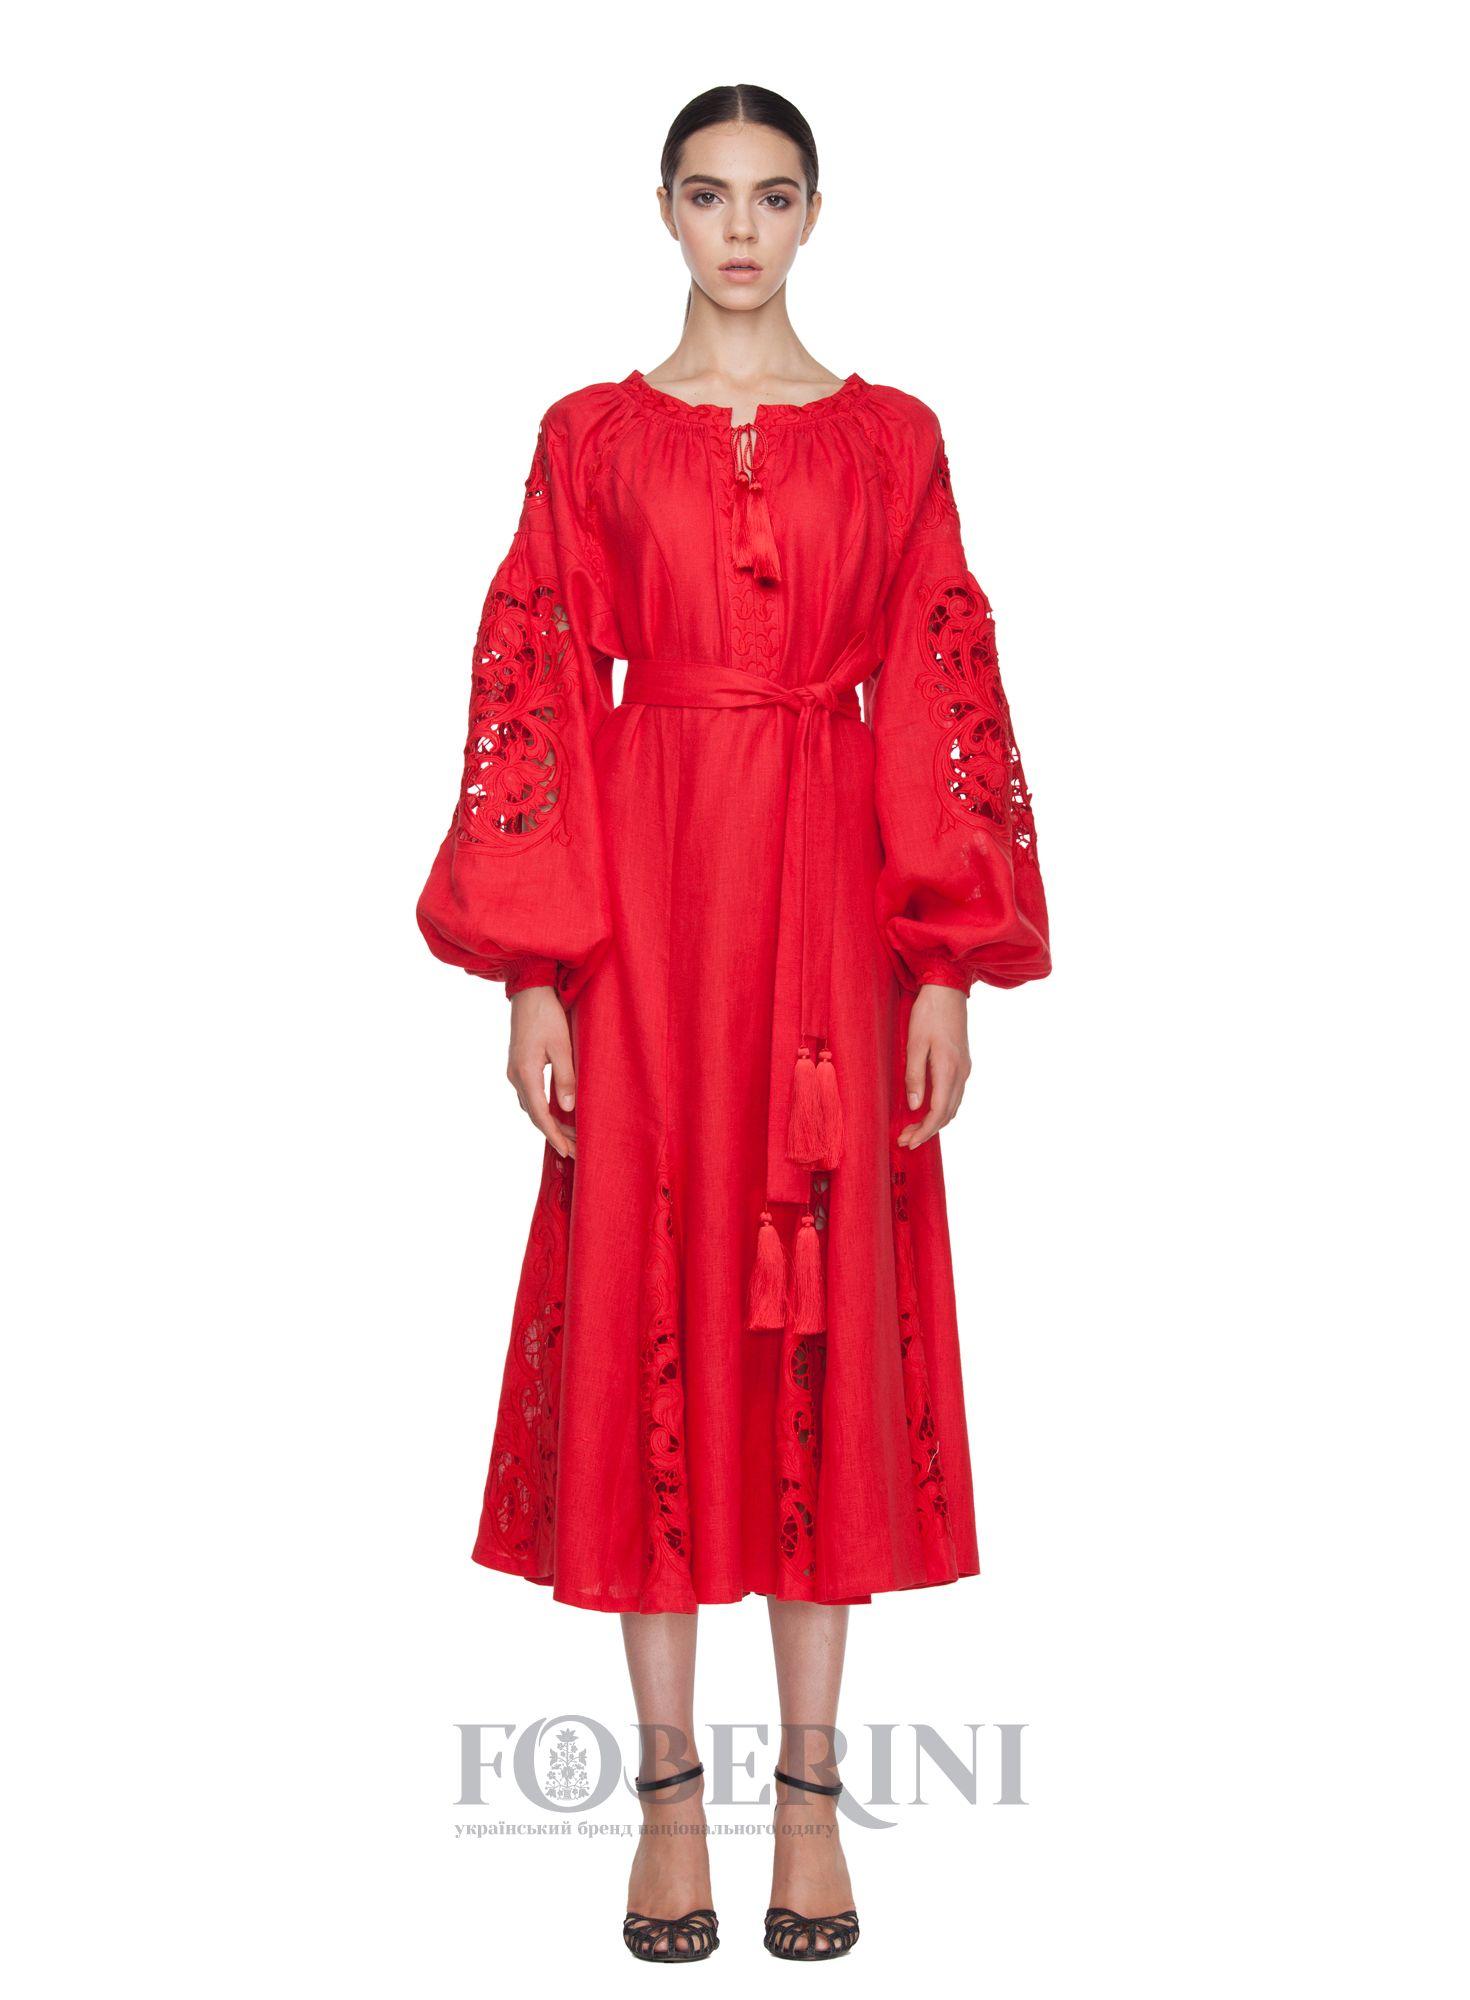 aca9544d8446c4 Сукня-вишиванка «Мар`яна» червоного кольору, з вишивкою Рішельє. Зараз